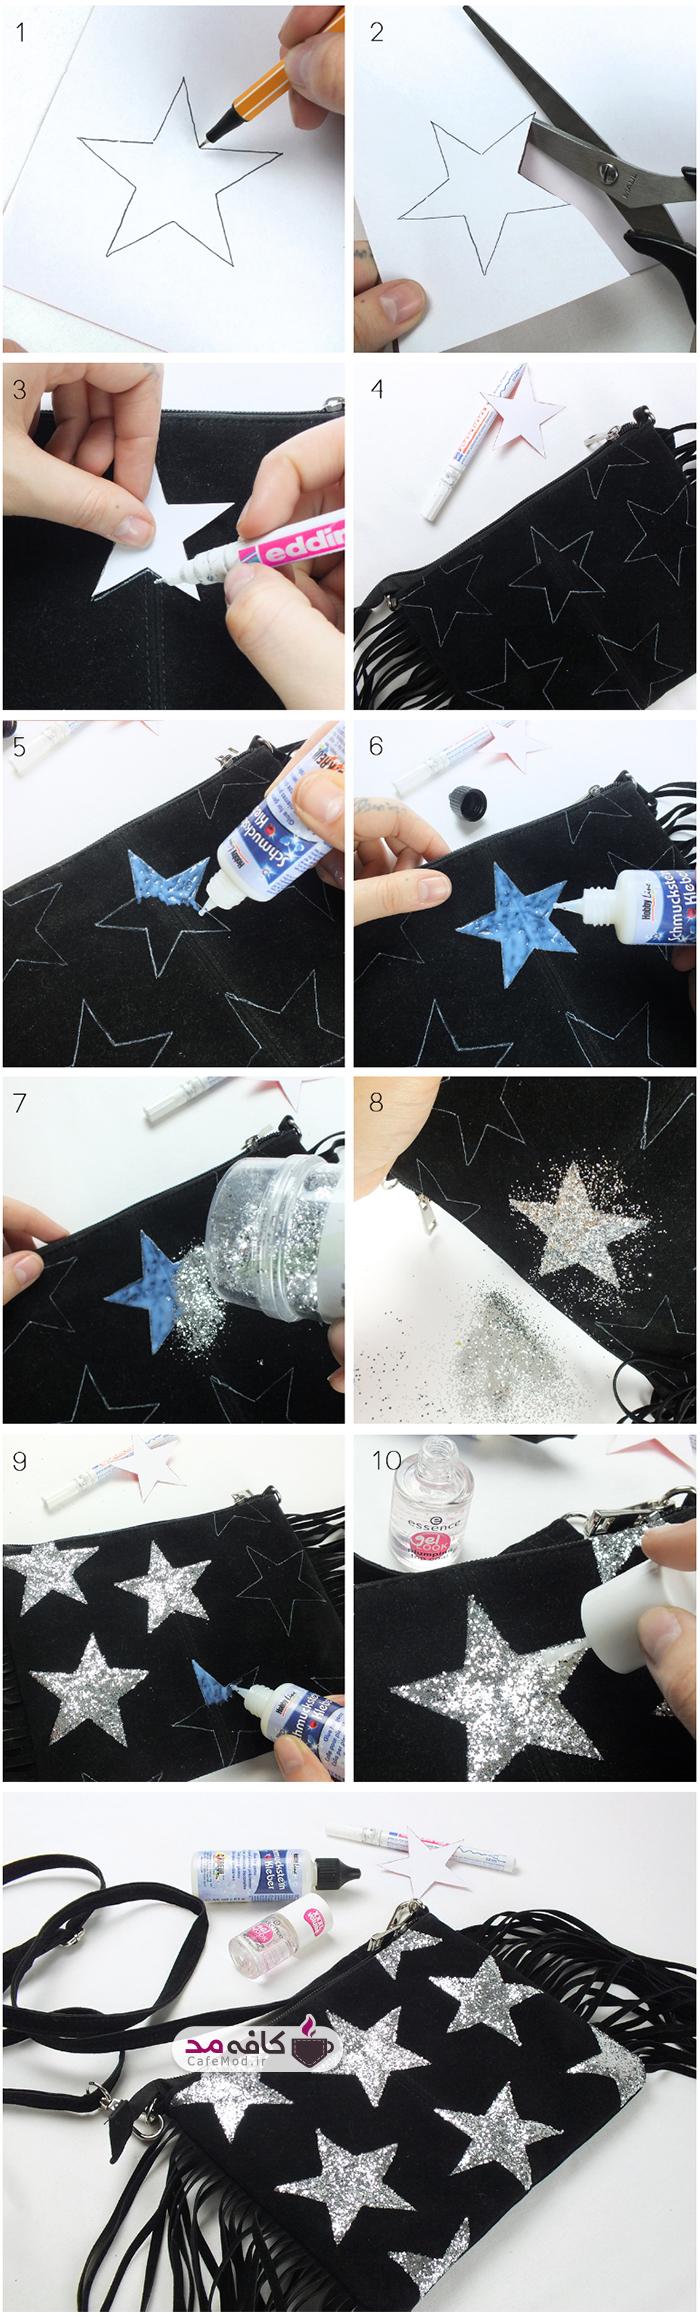 آموزش ستاره دار کردن کیف ساده